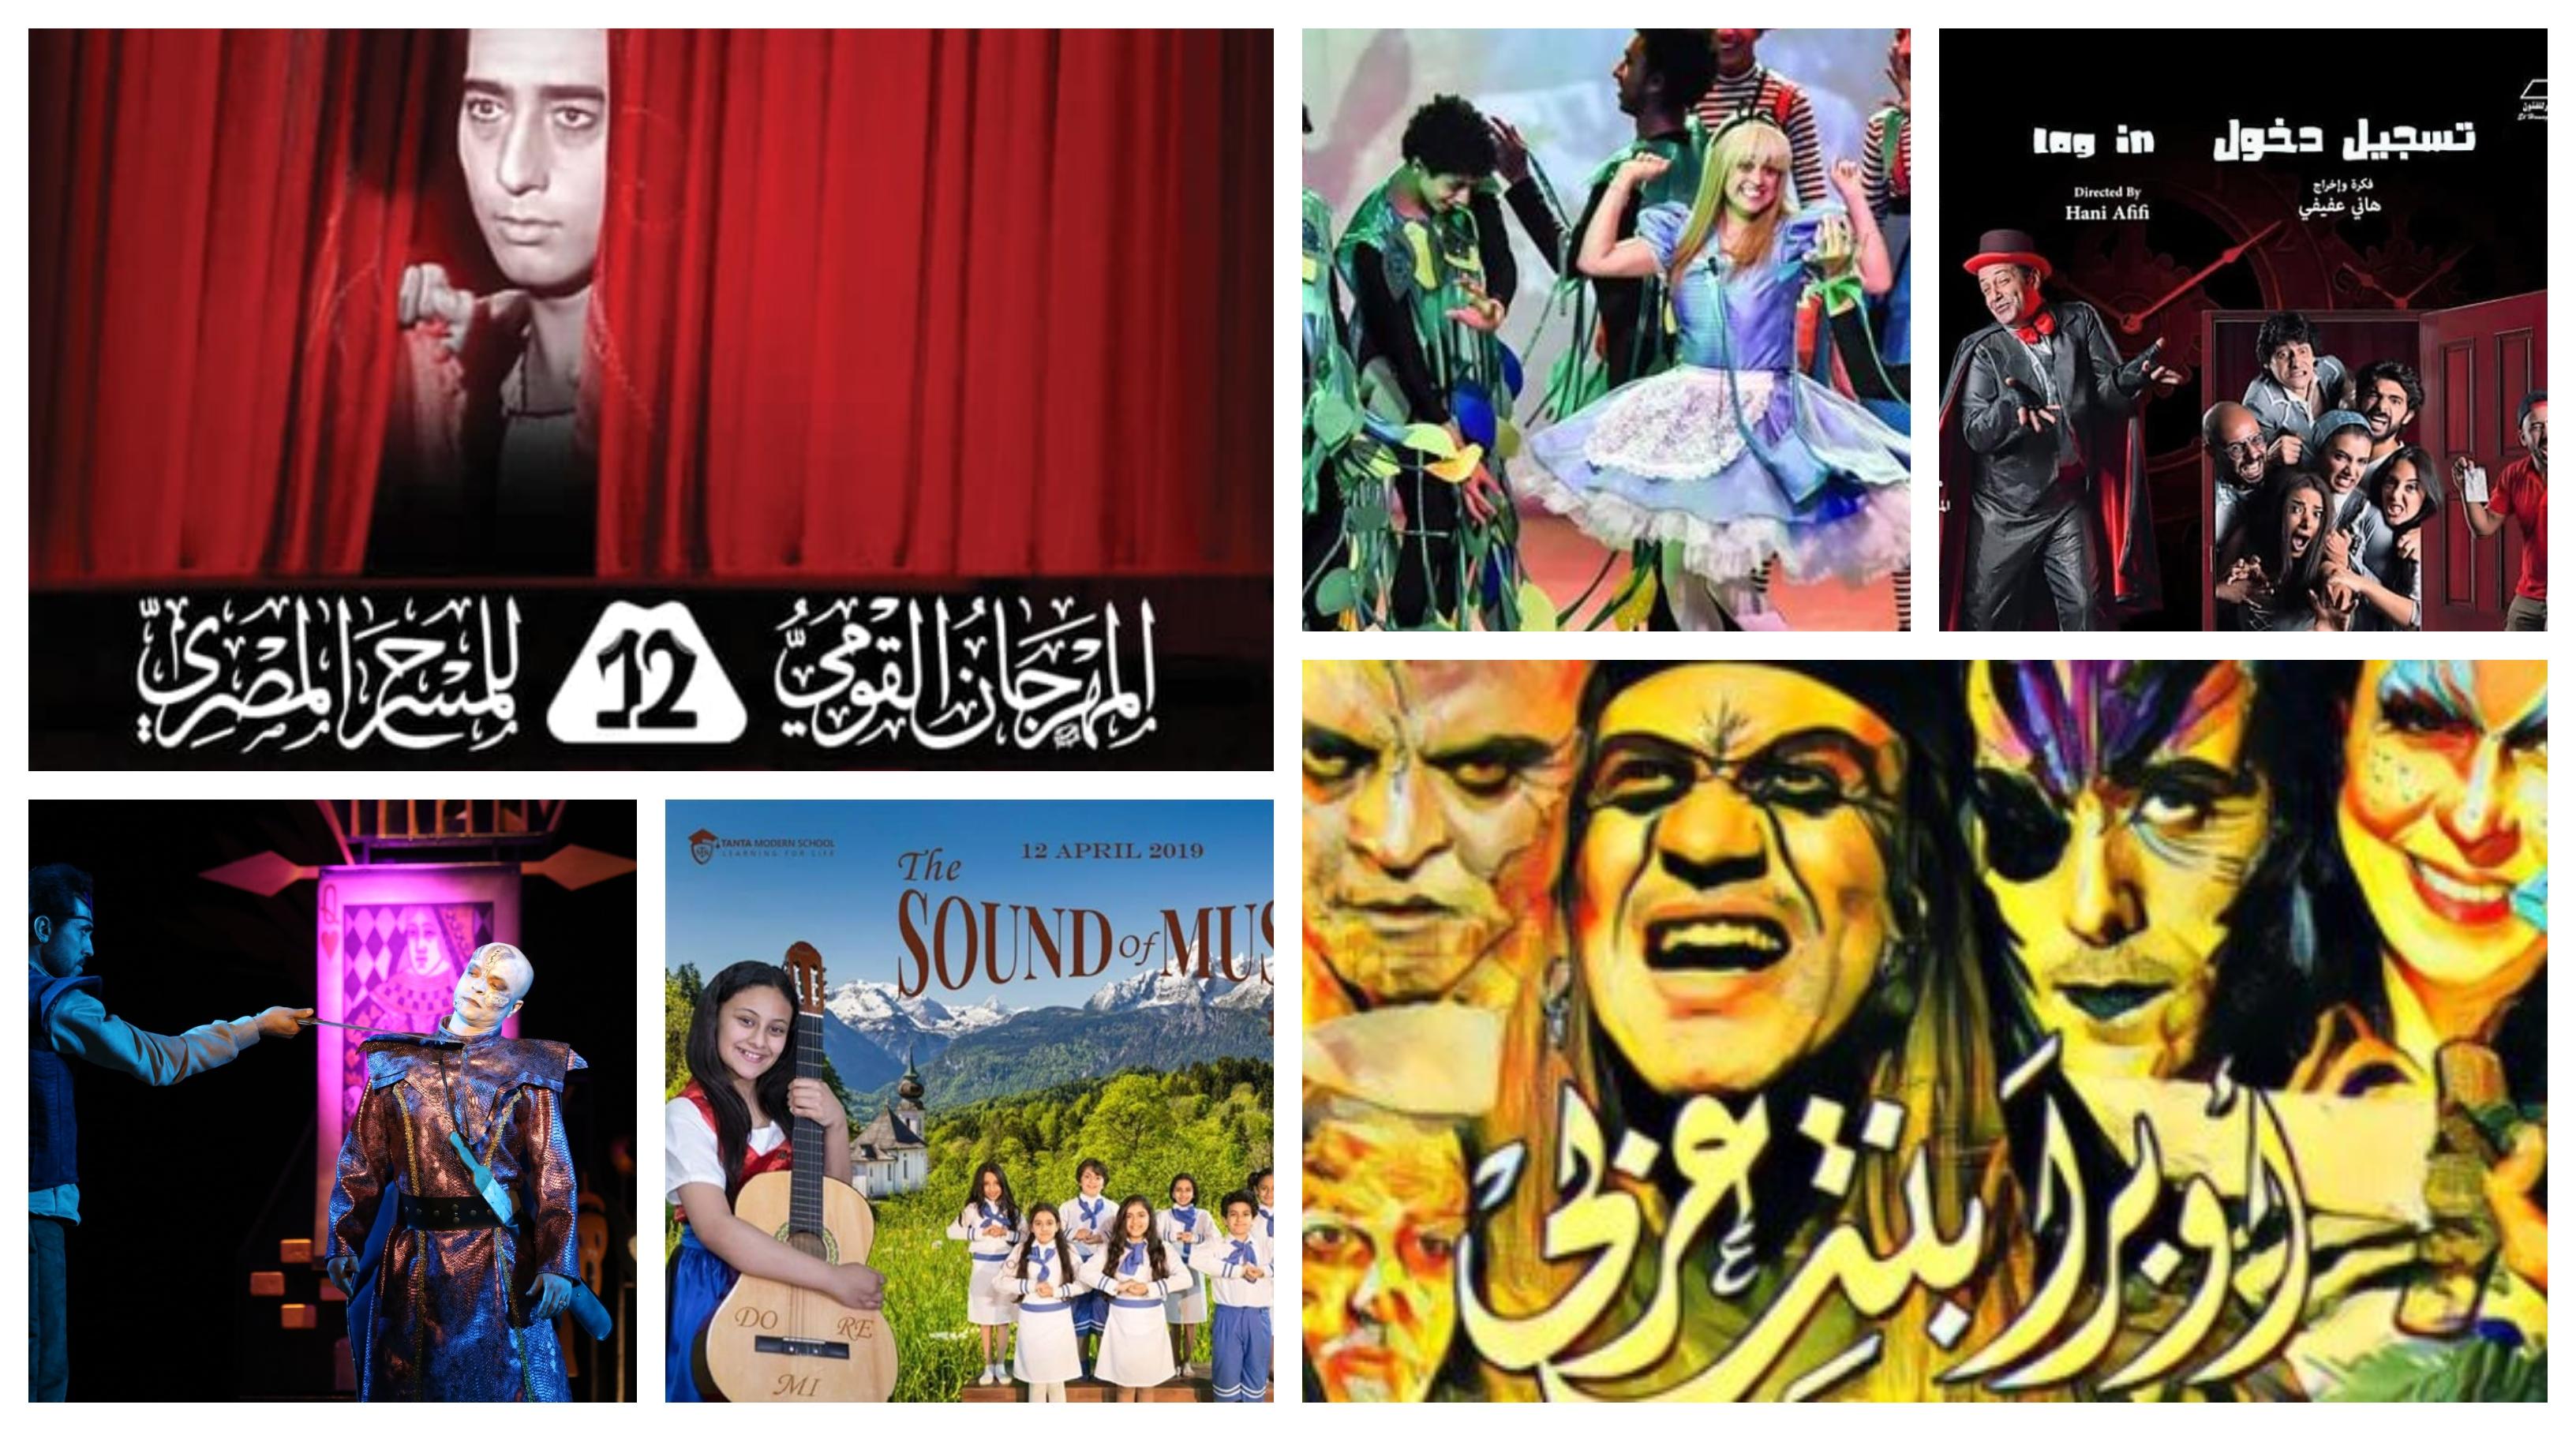 عروض اليوم الثاني من ايام المهرجان القومي للمسرح